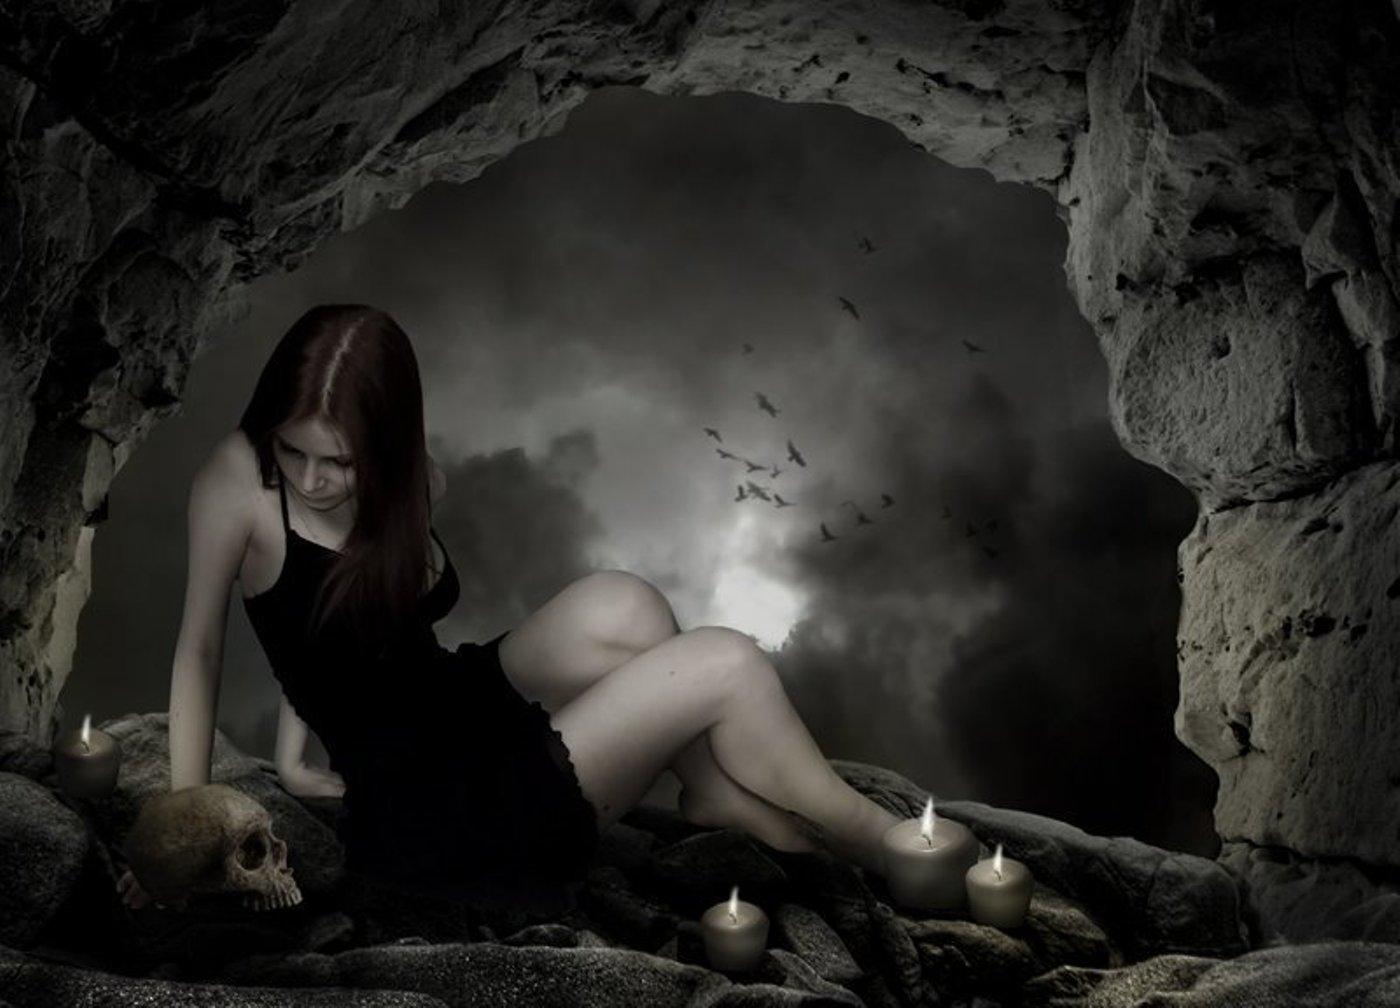 http://2.bp.blogspot.com/_80PBgN2_1i8/TCOIY-4xCrI/AAAAAAAAAAM/uEqwqEEkruM/s1600/fond+d+ecran+gothique.+Gothic+wallpaper.+Gothic+girl..jpg